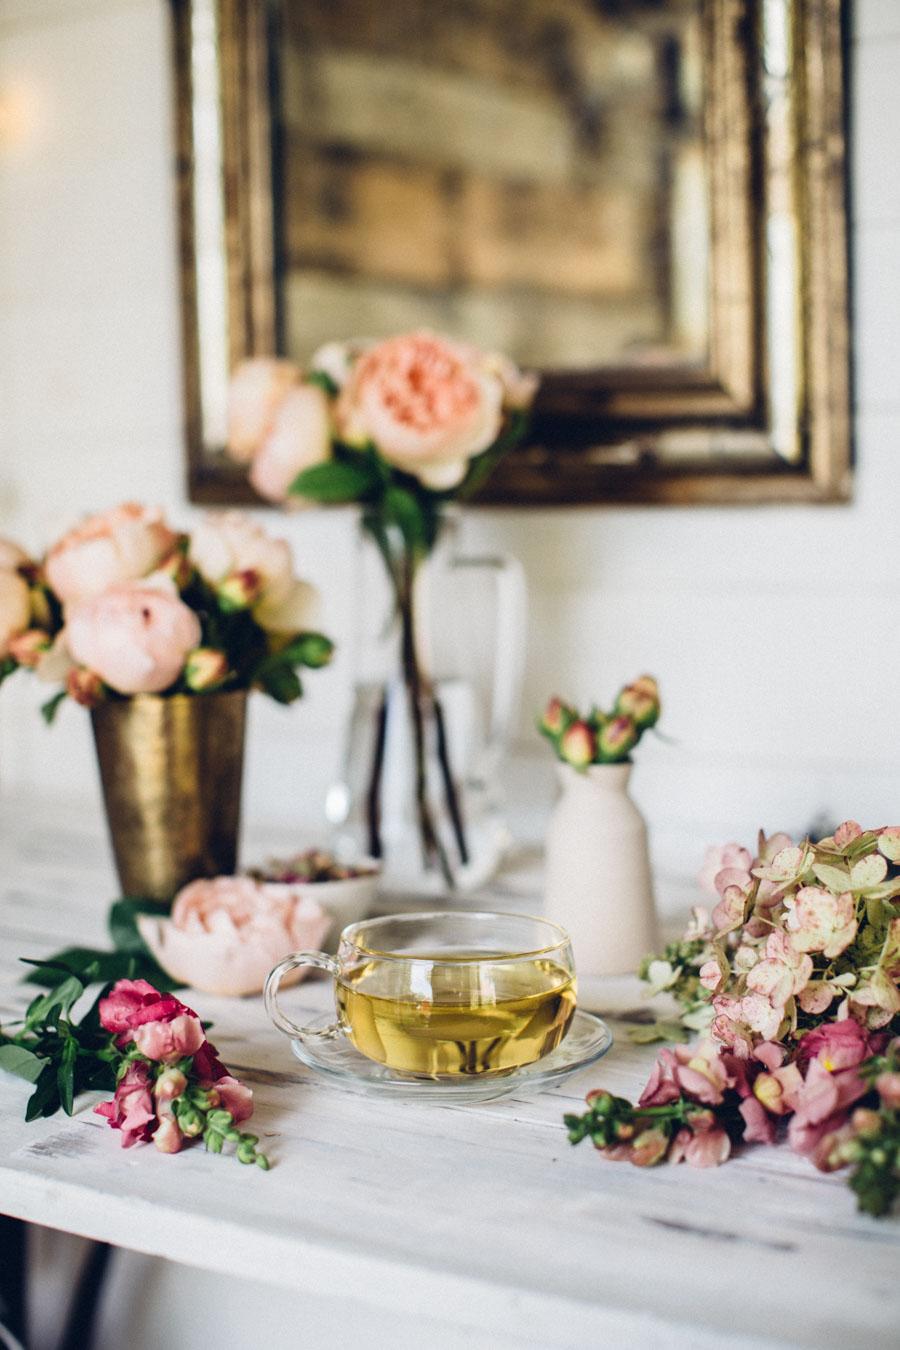 Whole Rosebud Herbal Tea by Jing